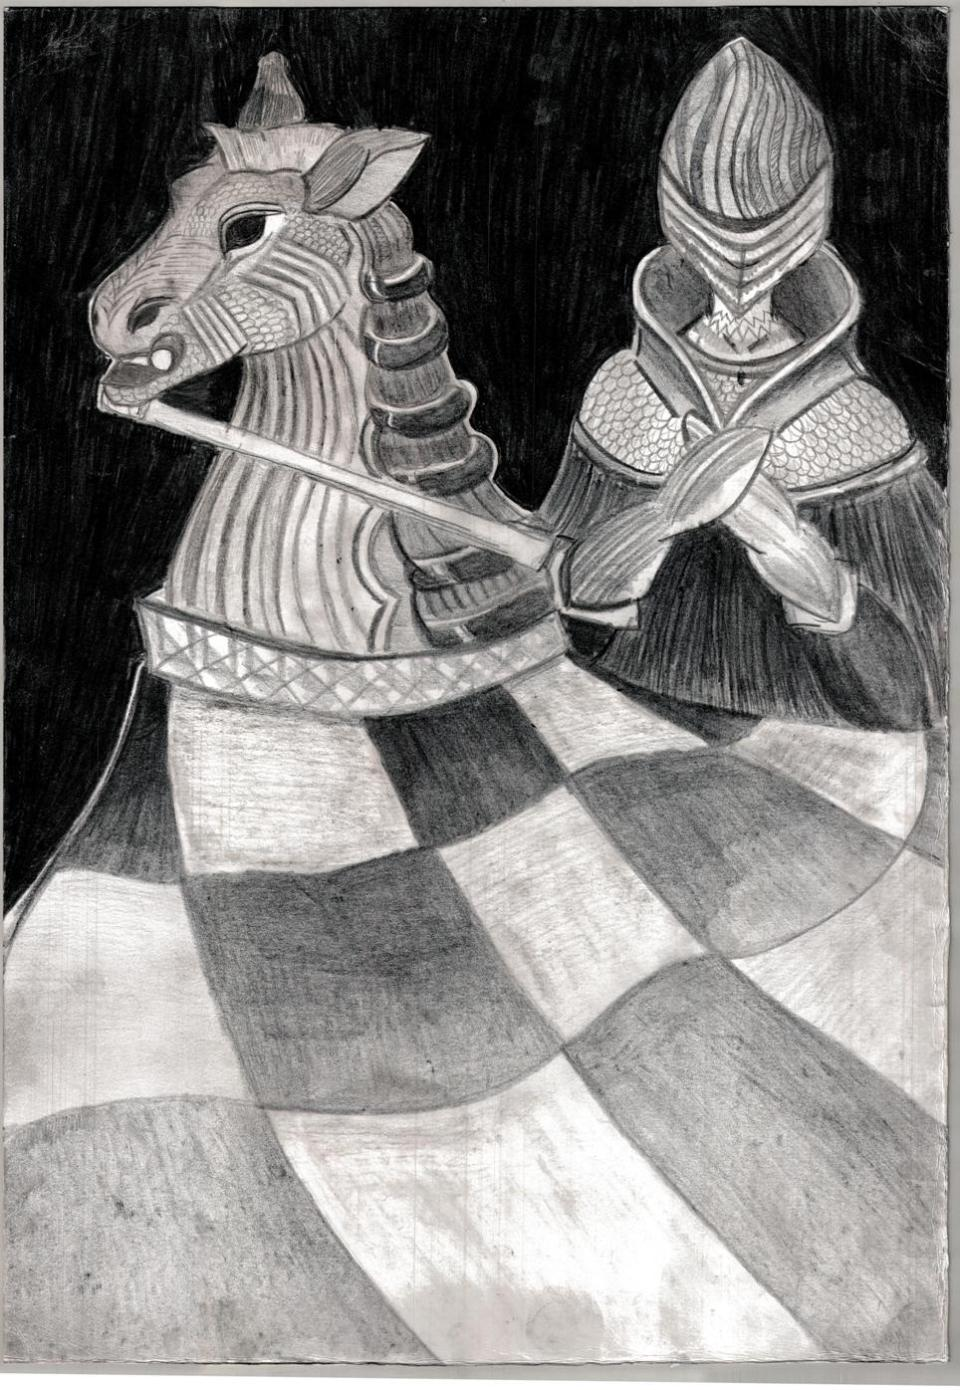 autorka, rysunek, Kinga Dulińska, 18 lat, MDK w Kielcach, konkurs plastyczny, królewska gra, szachy dla dzieci, MDK Śródmieście Wrocław, listopad 2015, interaktywny podręcznik szachowy, piękno szachów, szachowa sztuka, lekcje szachowe,